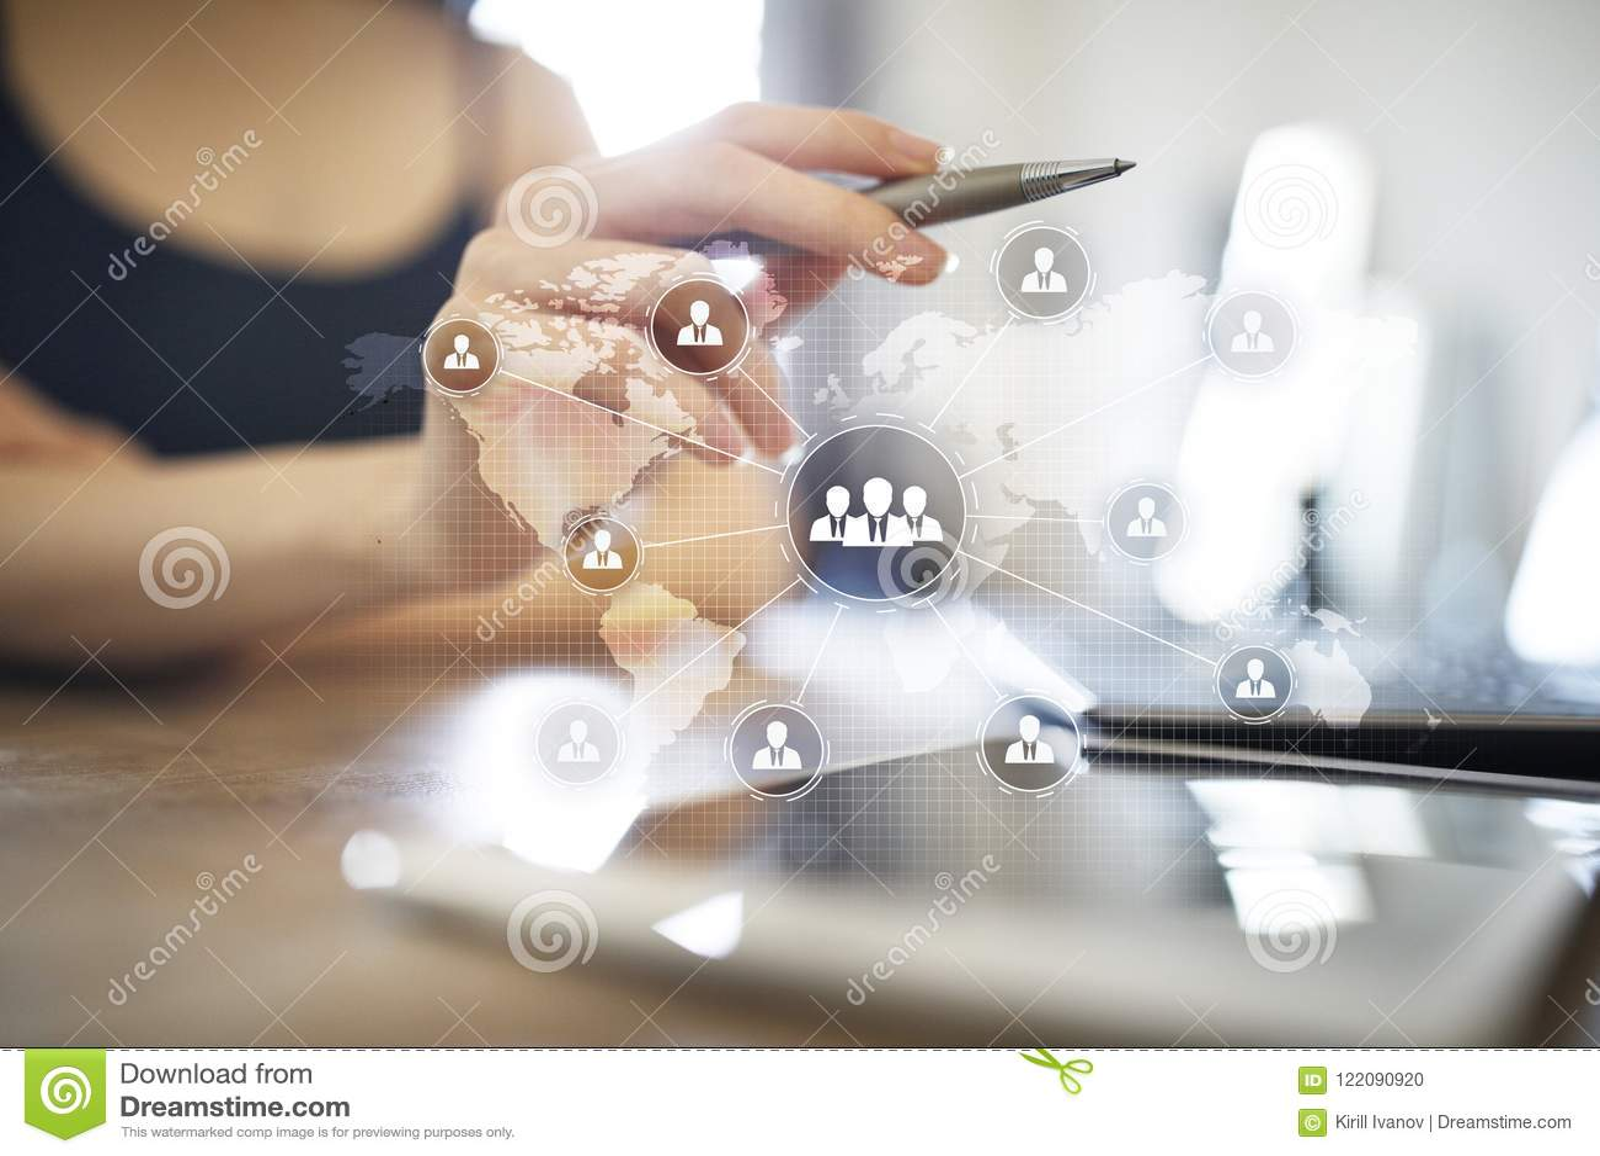 Δομή οργάνωσης ανθρώπων Ωρ. Ανθρώπινα δυναμικά και στρατολόγηση Επικοινωνία, τεχνολογία Διαδικτύου χρυσή ιδιοκτησία βασικών πλήκτ